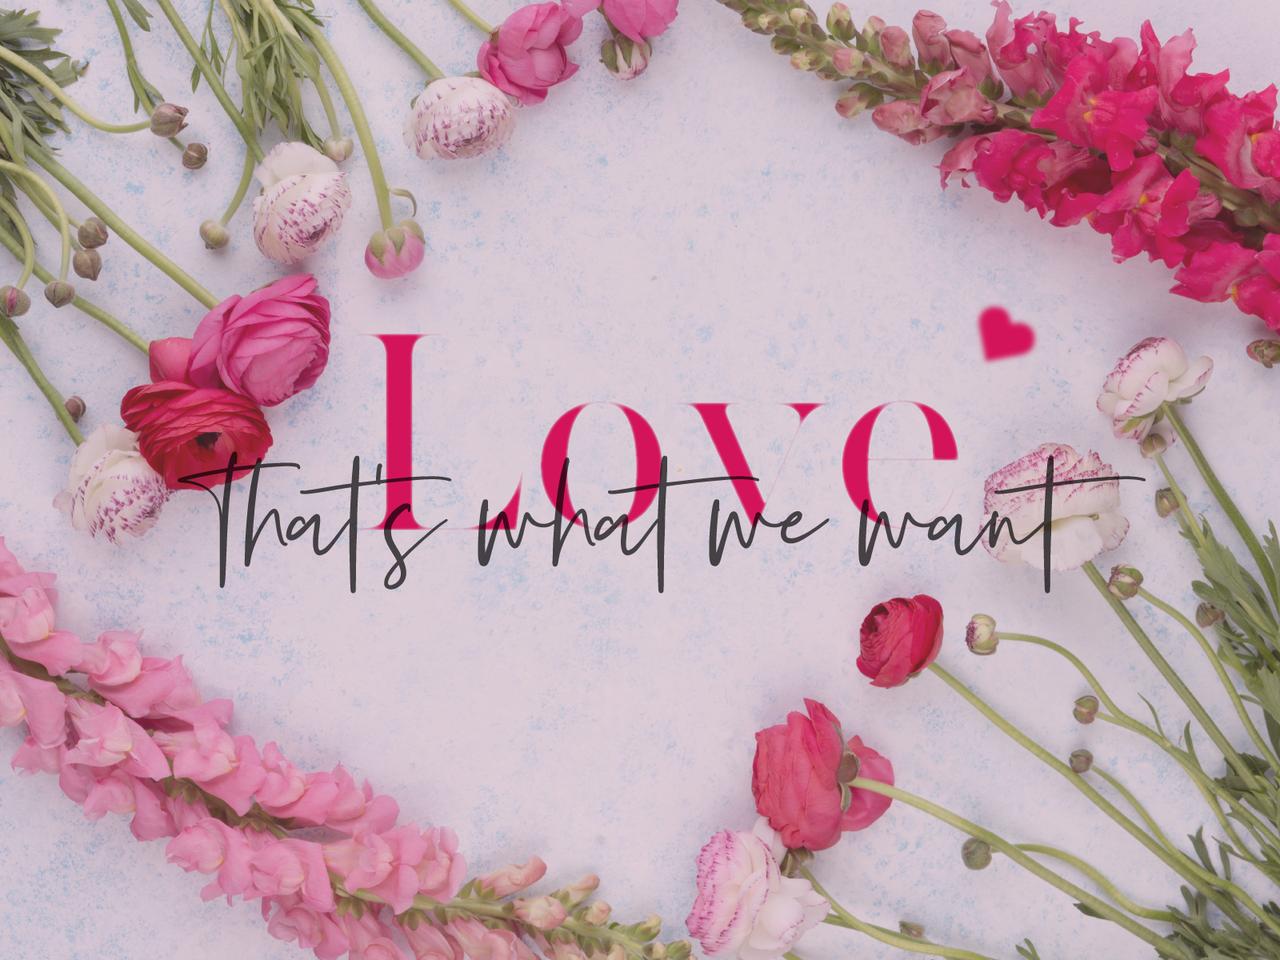 New 春デザインpc壁紙 Love デザインしました リトマム Little Mom Note